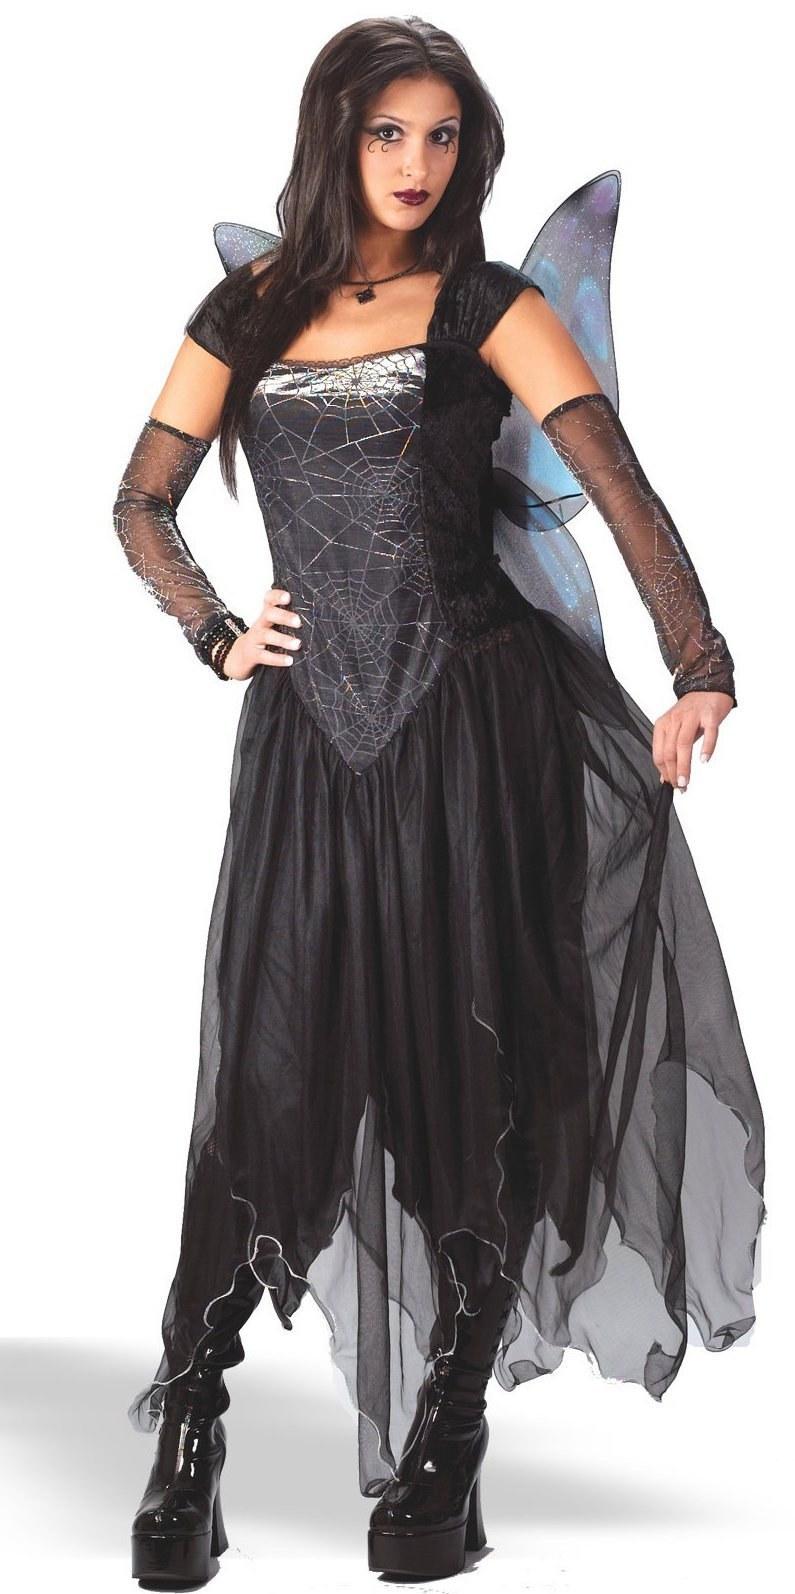 Ladies Goth Fairy Princess Costume